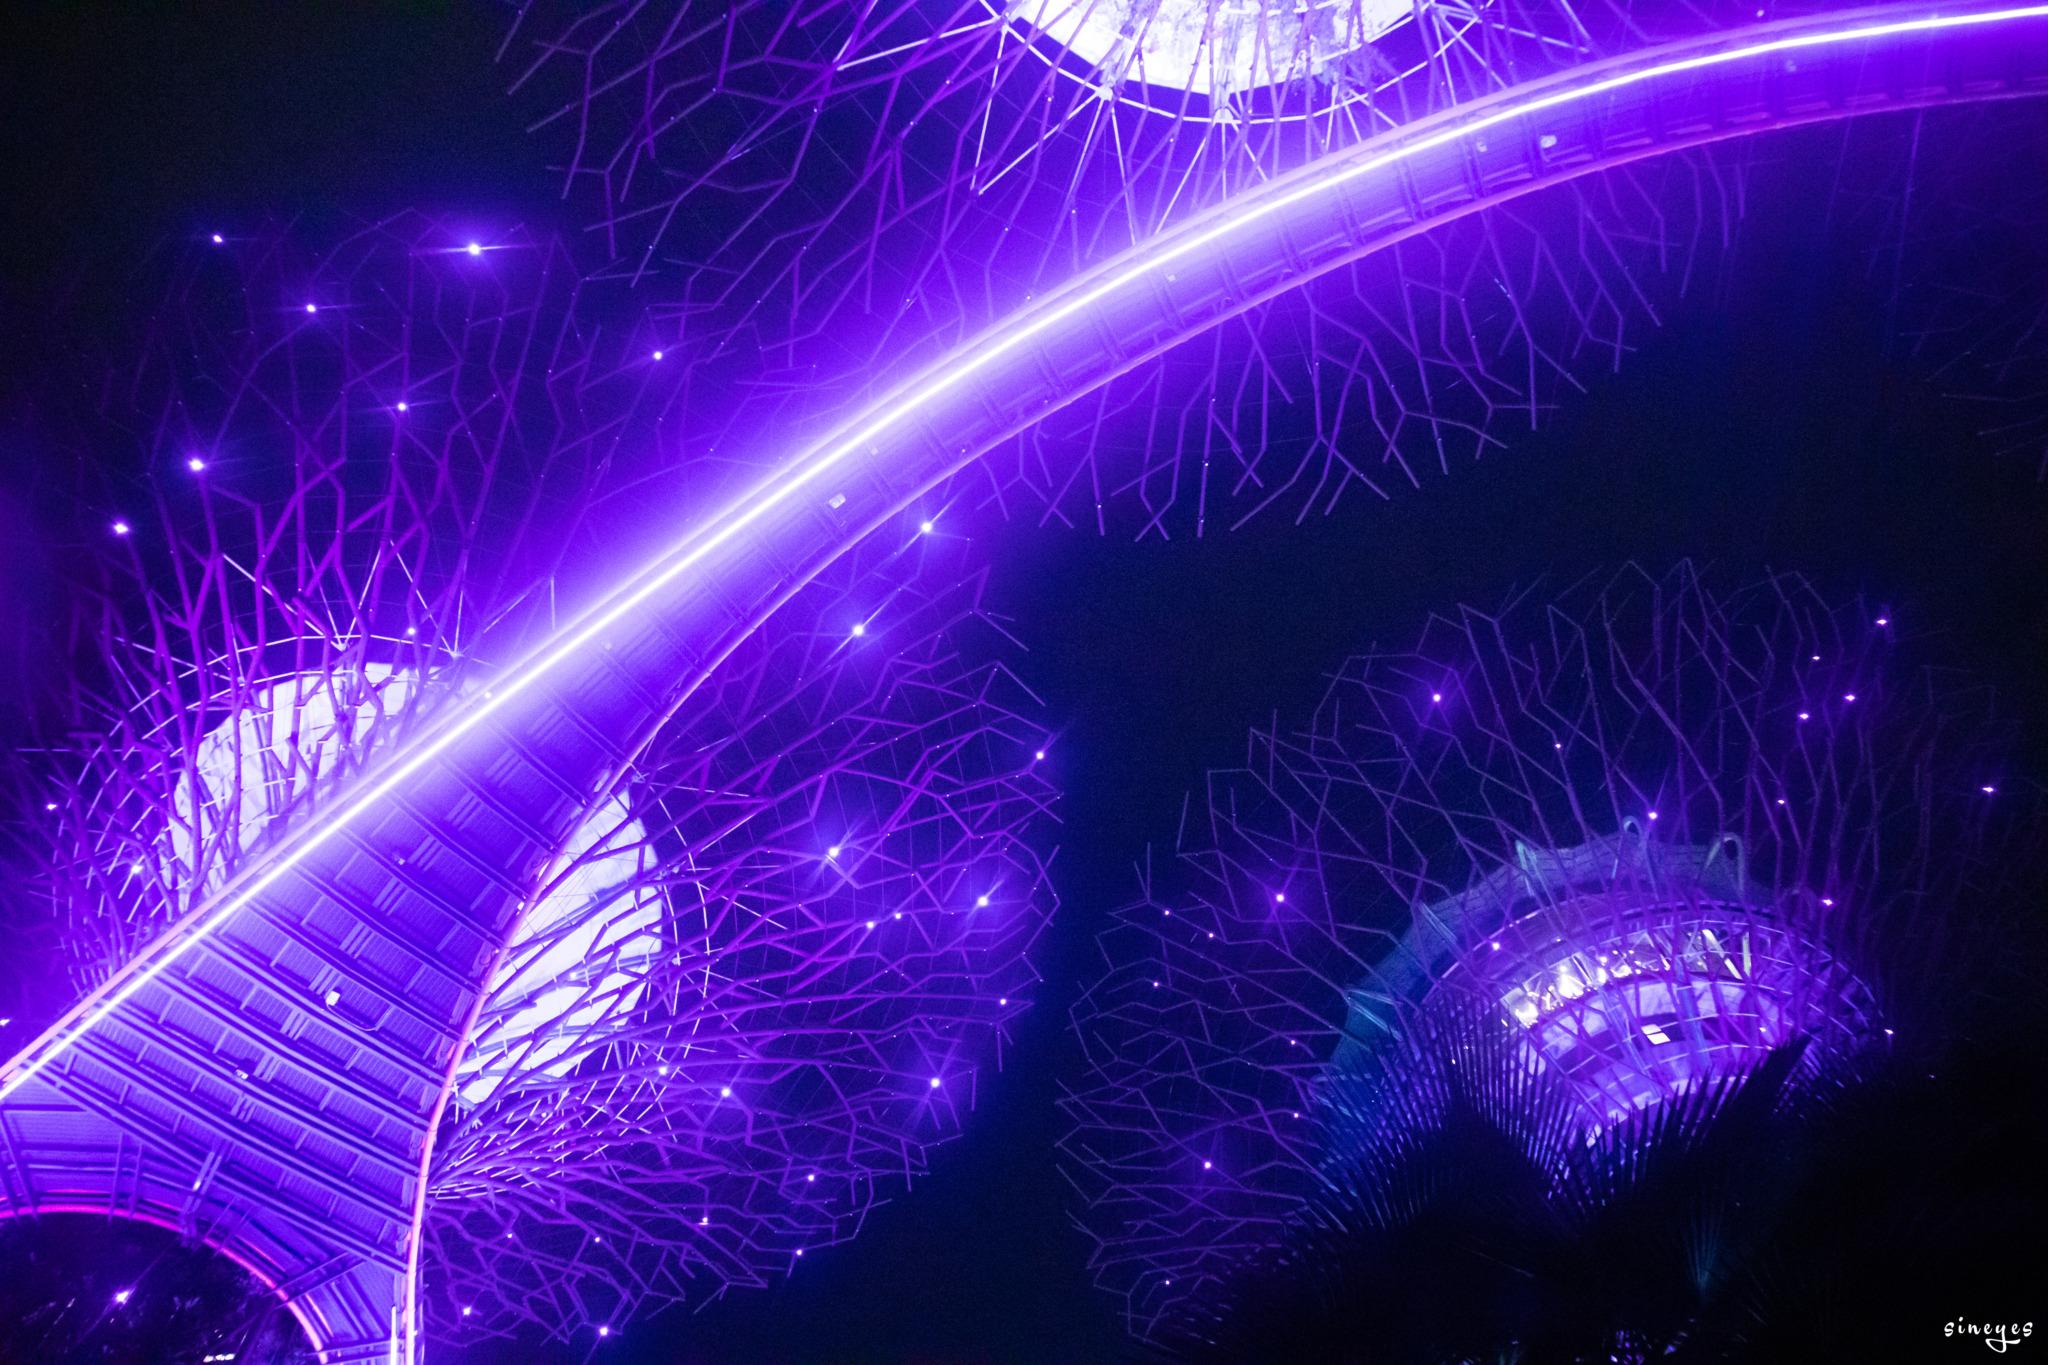 Ultraviolet by sineyes